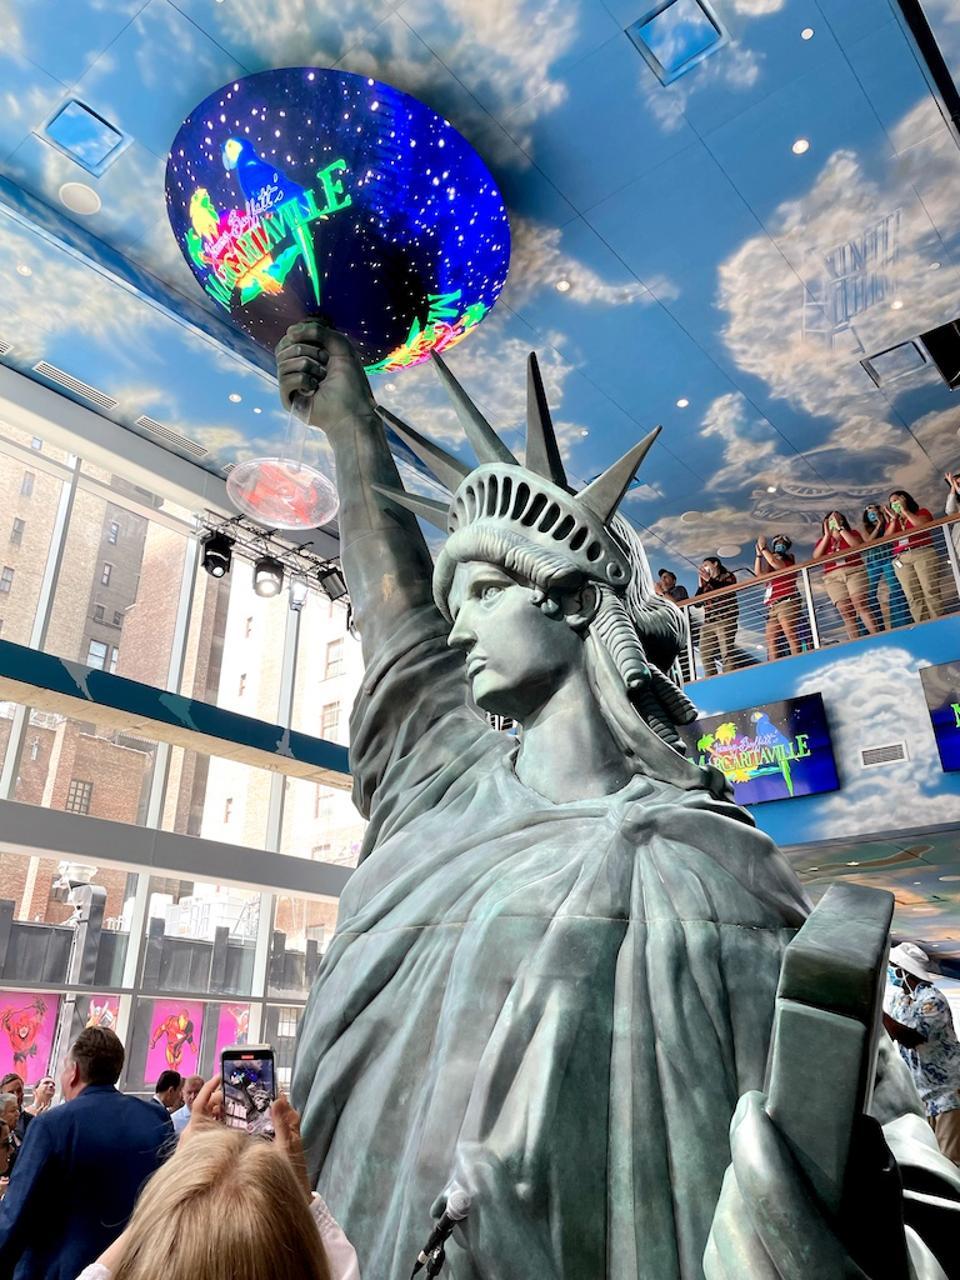 Inside Margaritaville Times Square. June 10, 2021